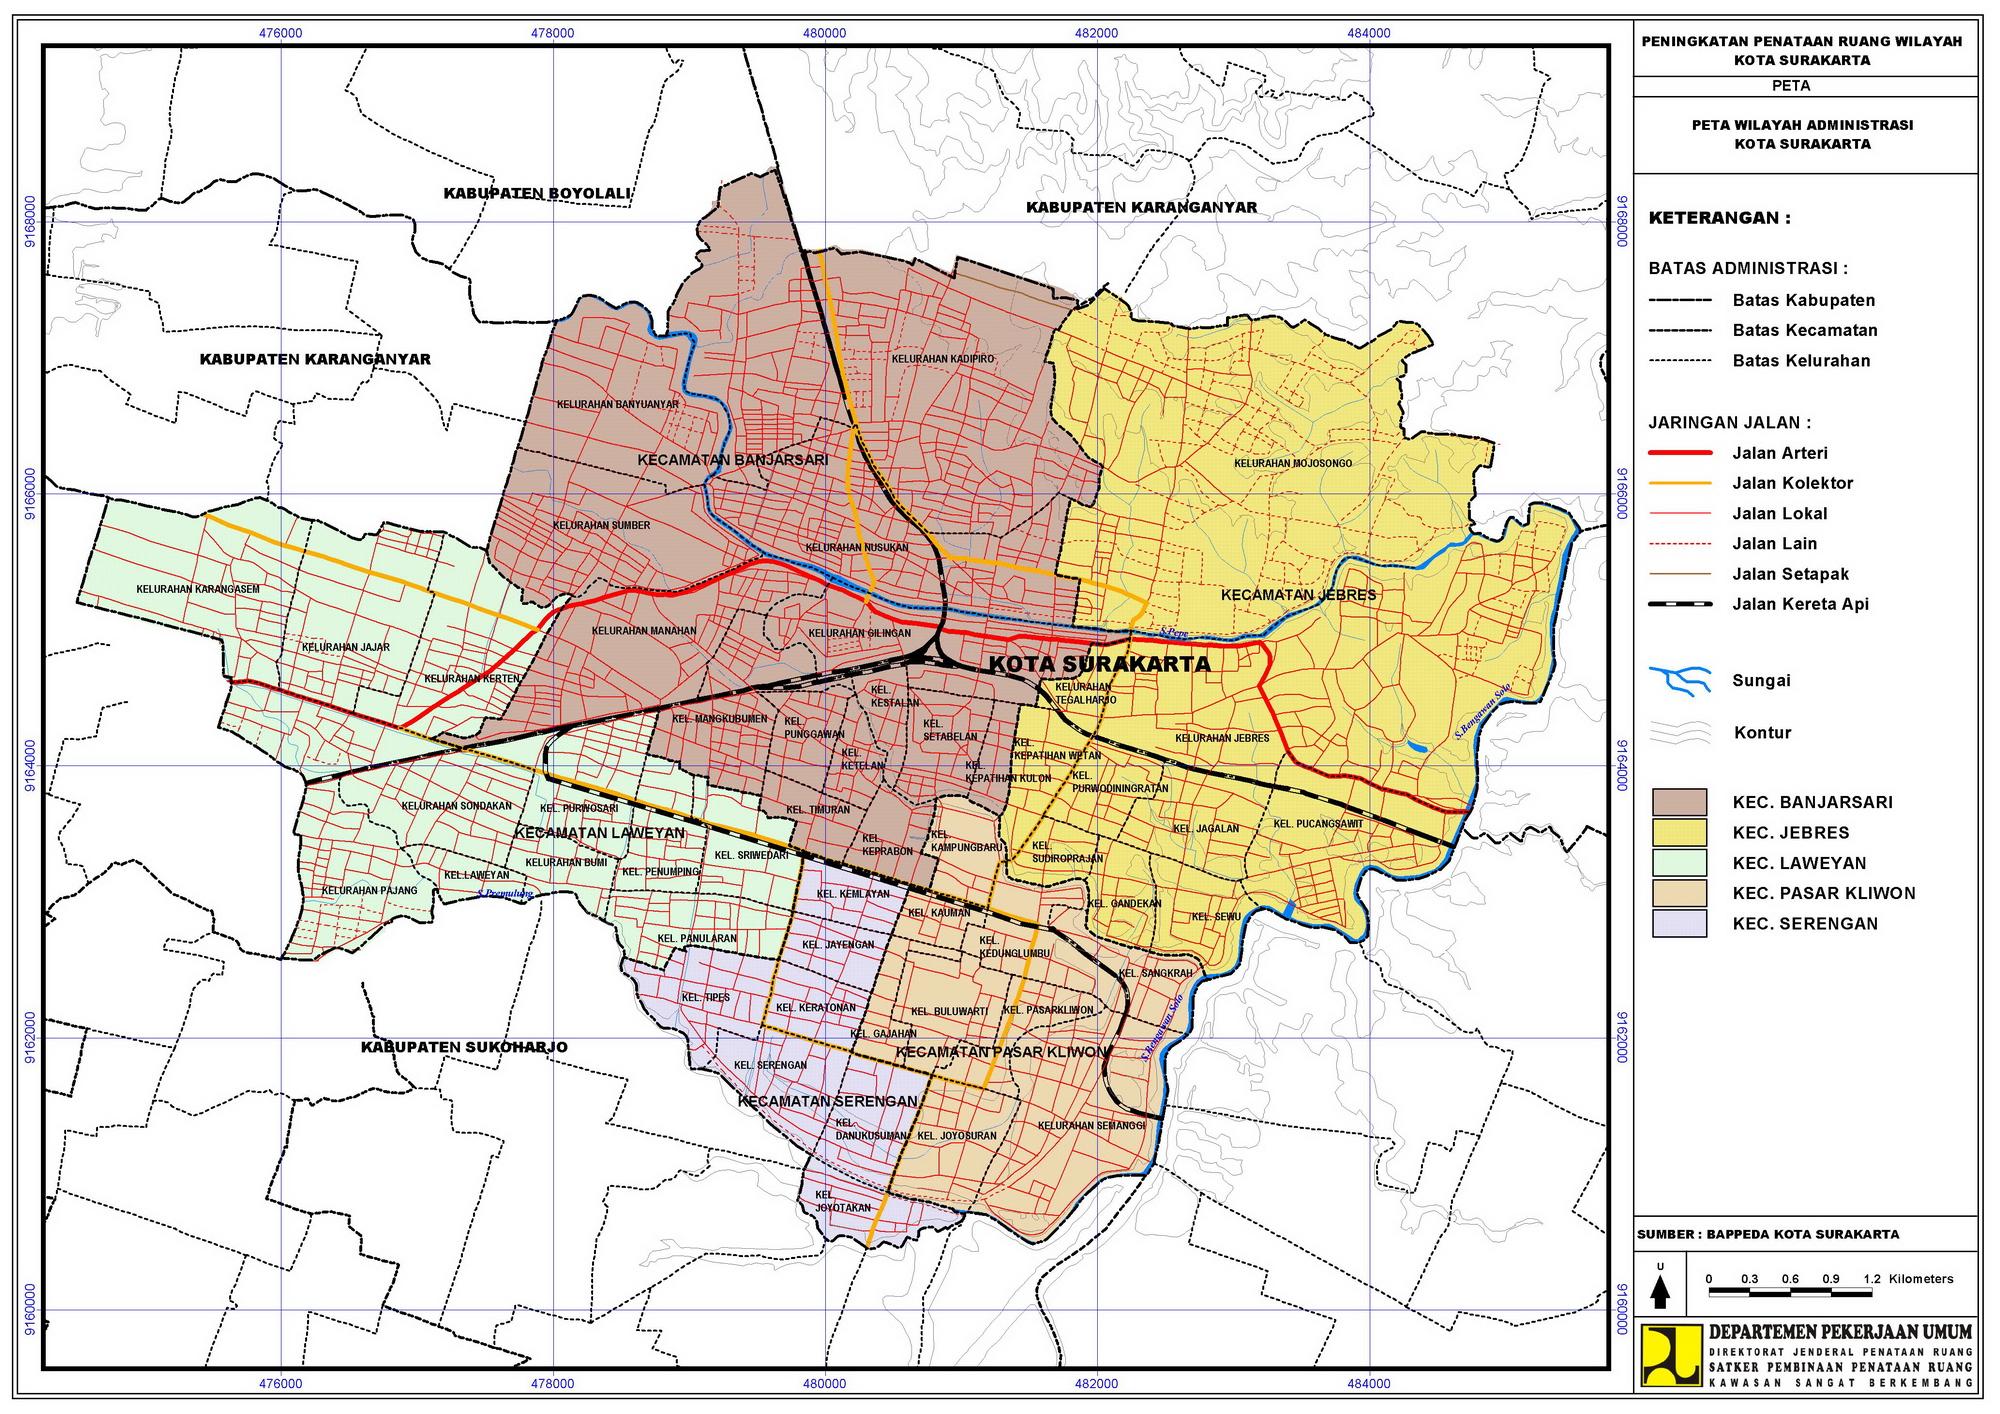 Peta Kota administrasi Solo Raya – M2000